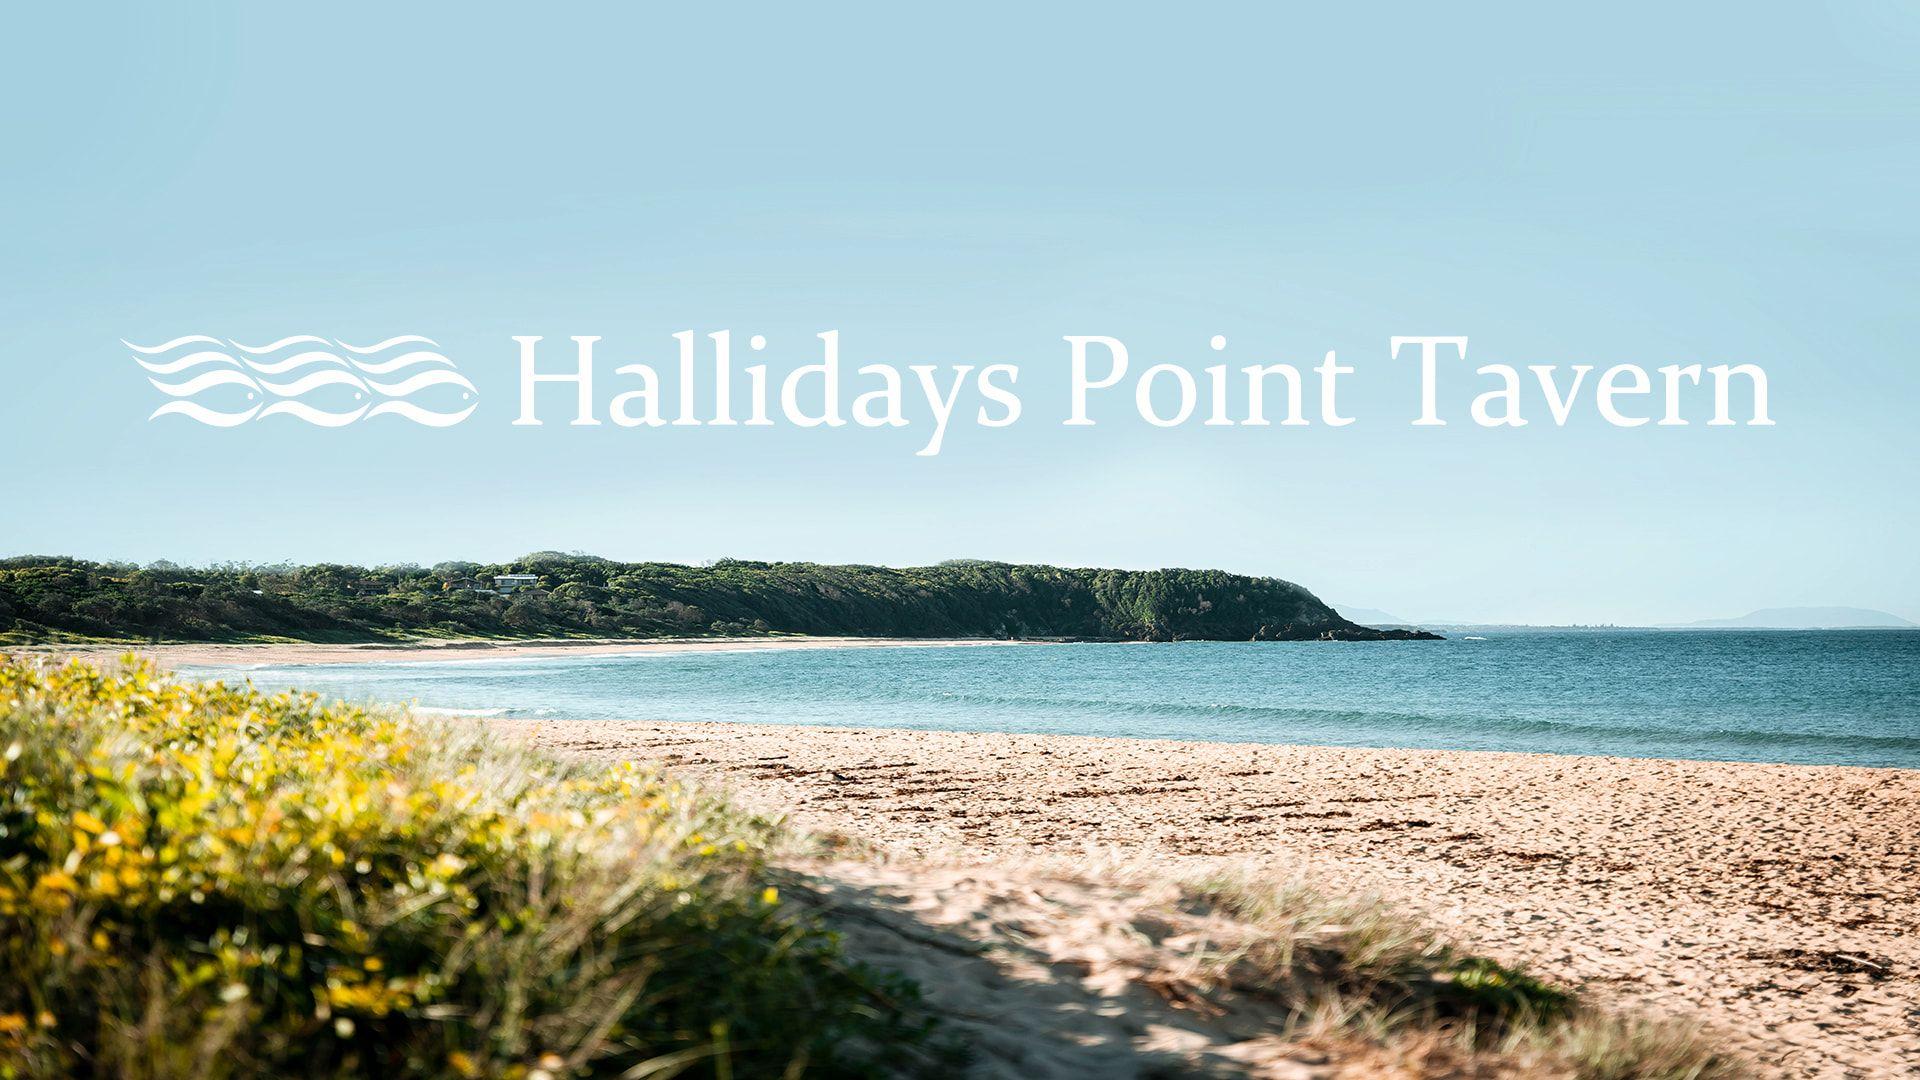 Hallidays Point Tavern development